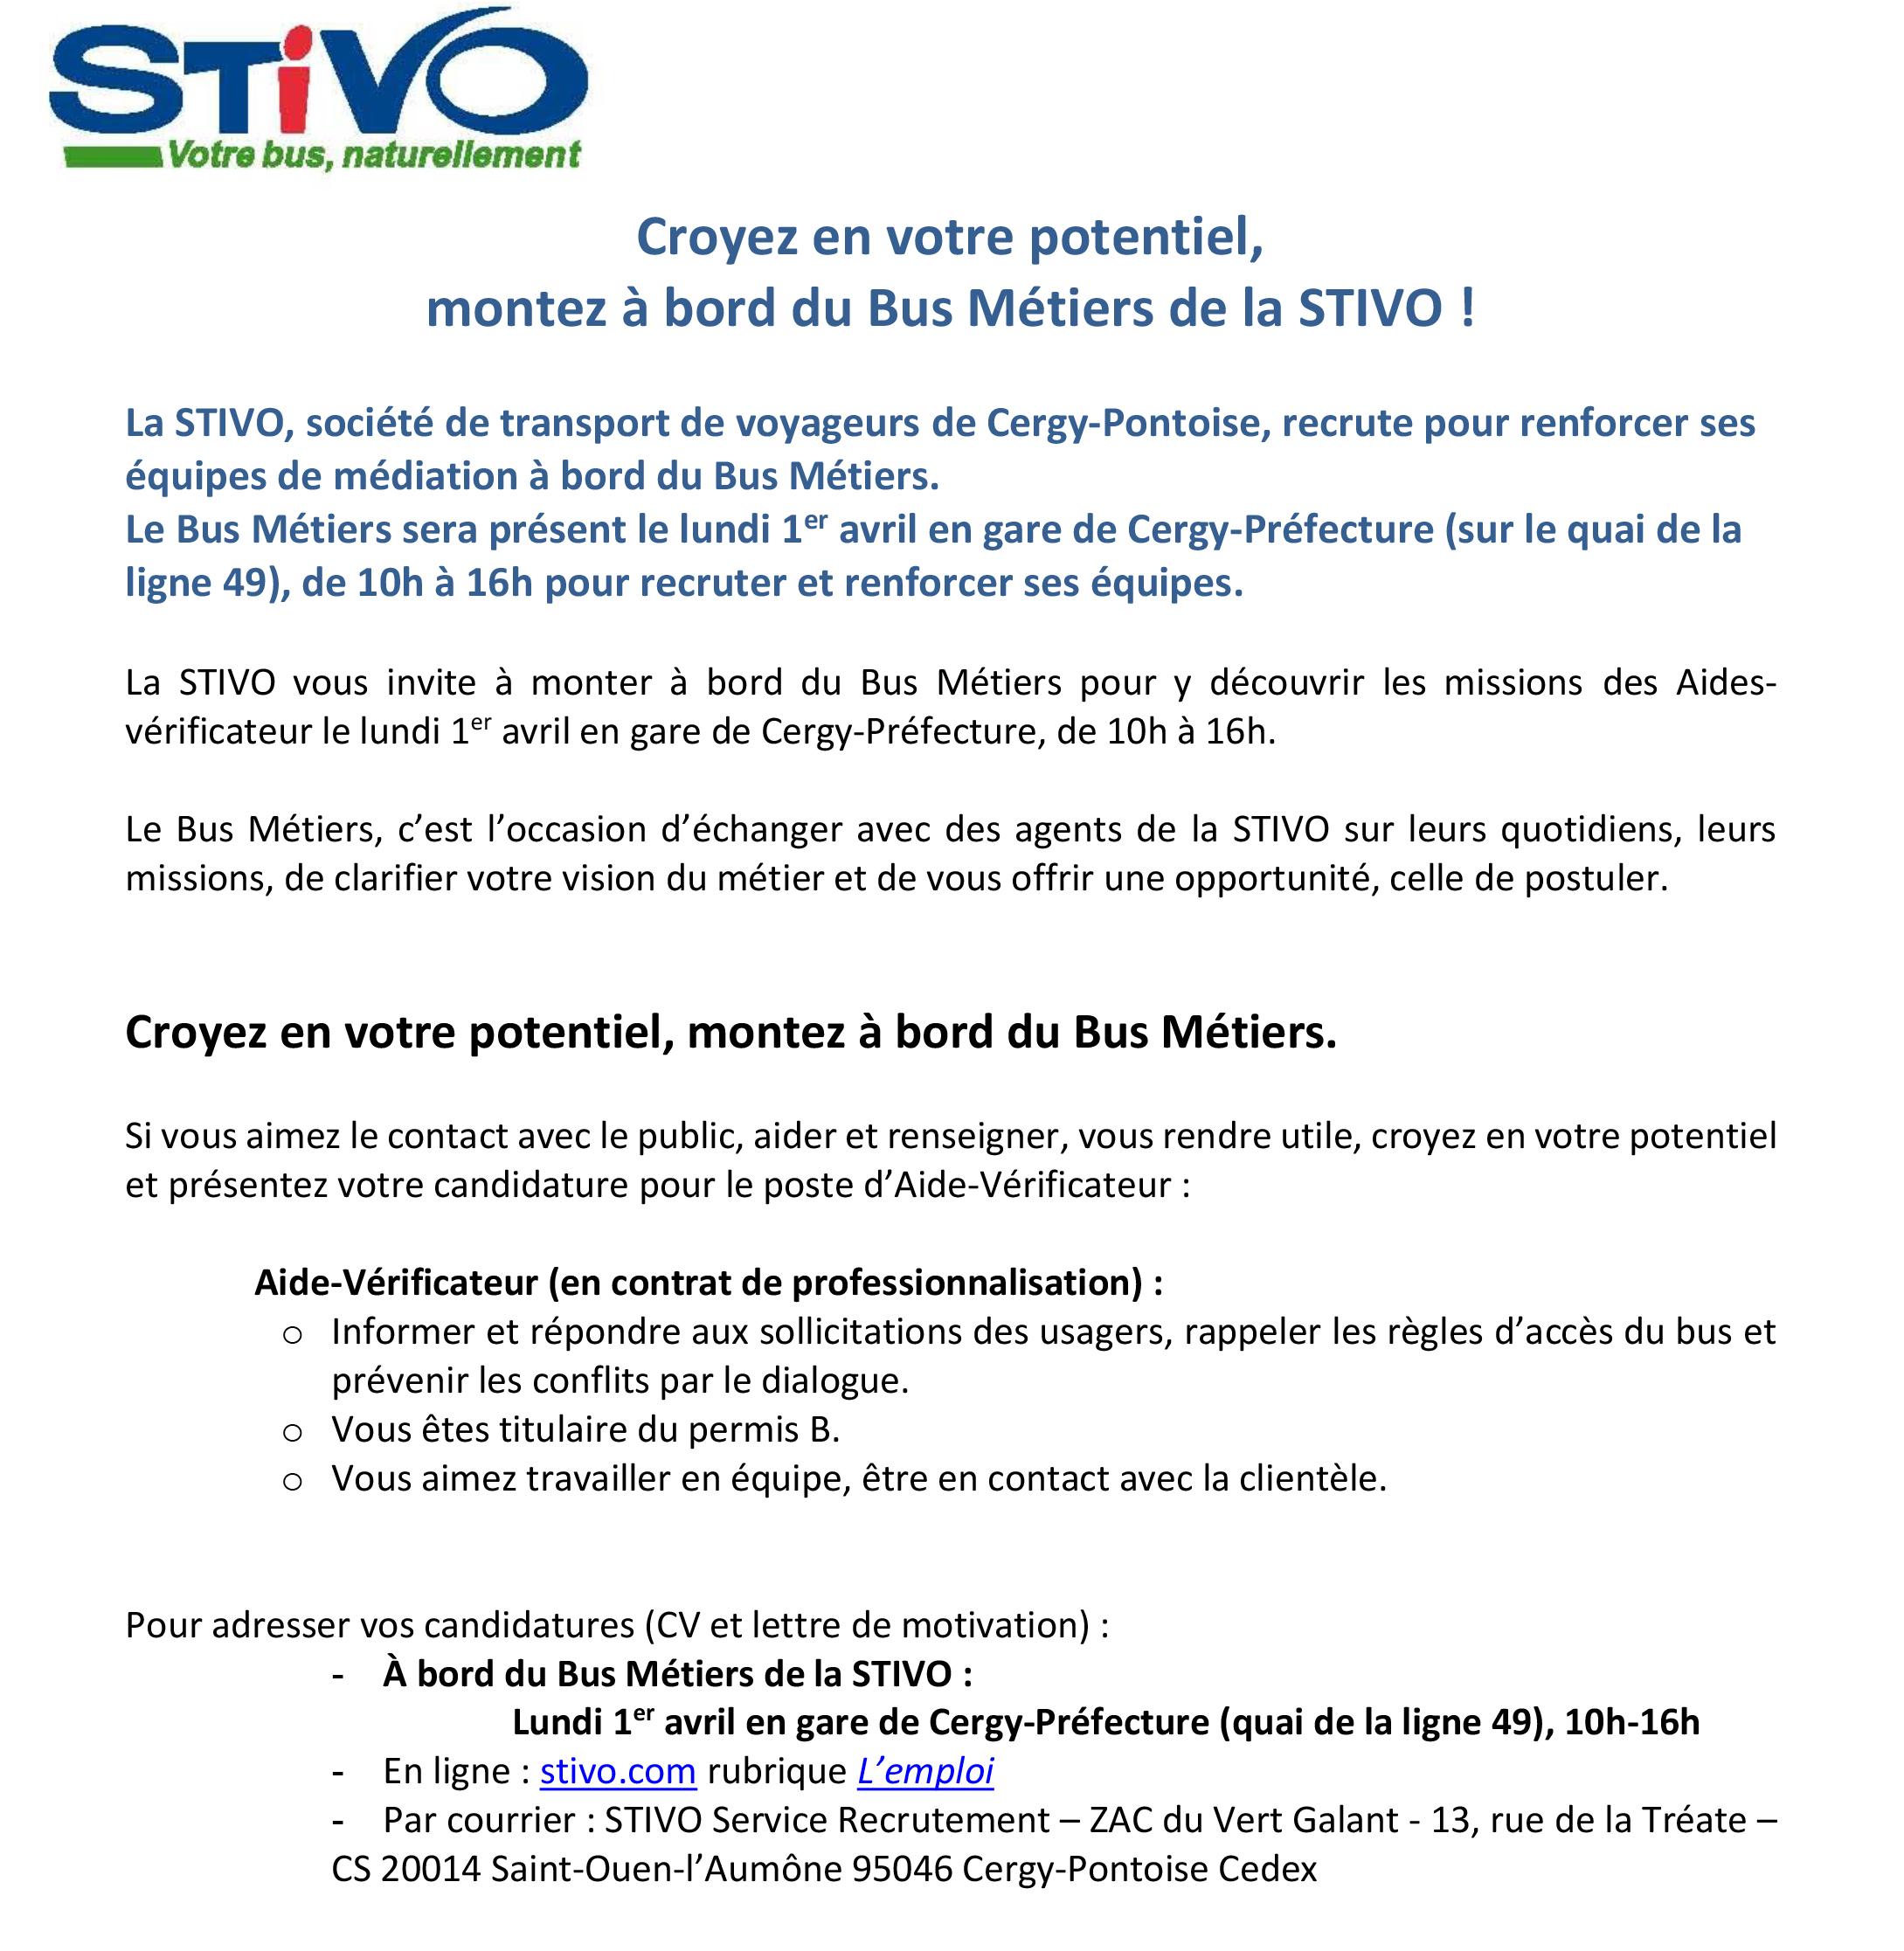 stivo_recrutement.jpg